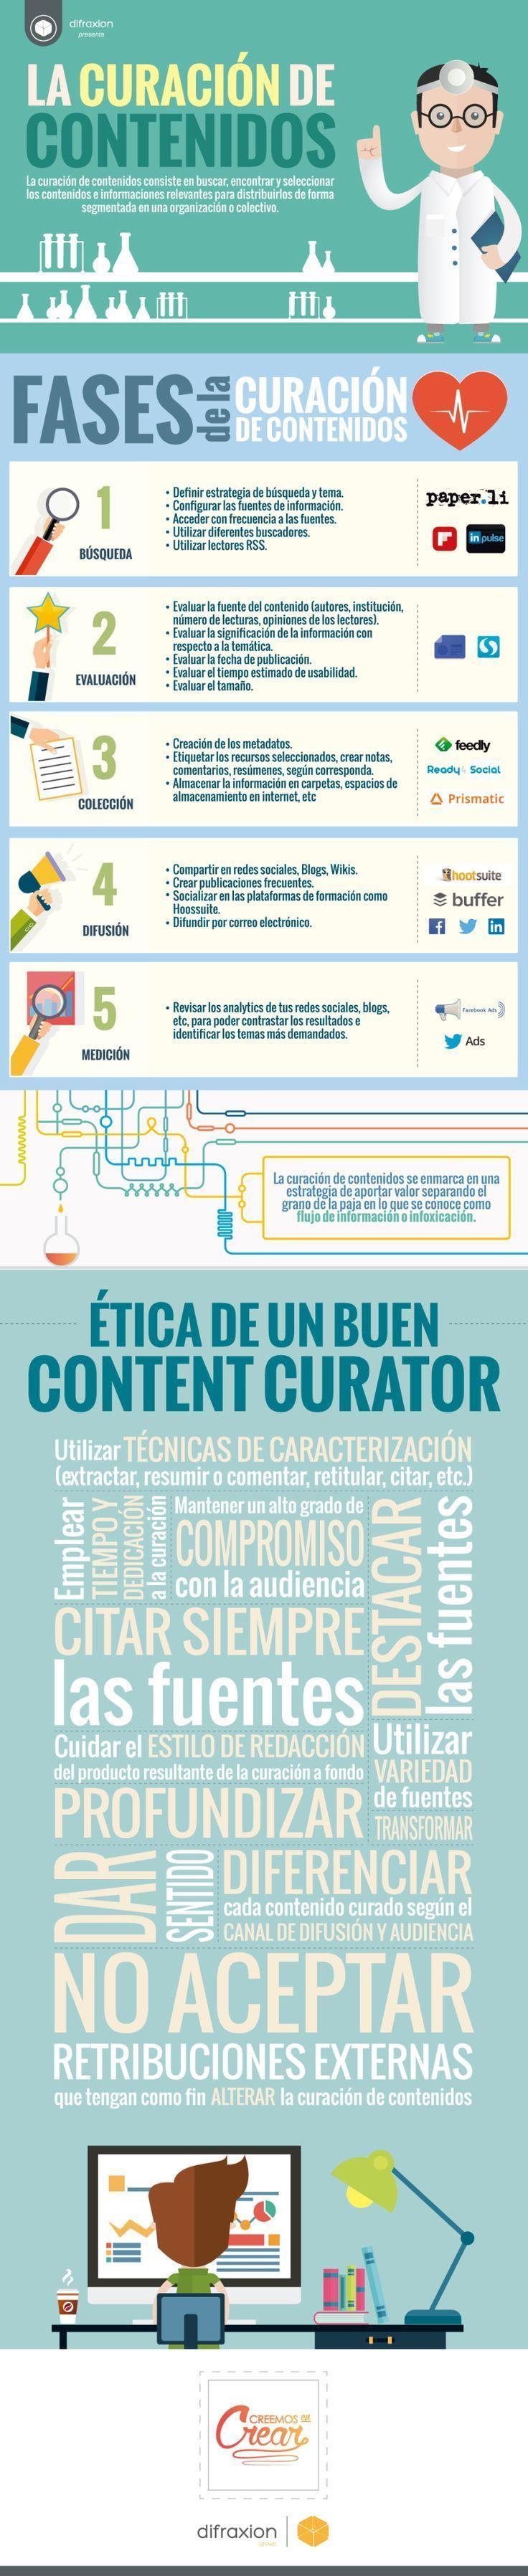 Content Curator, Curación de Contenidos en Redes Sociales